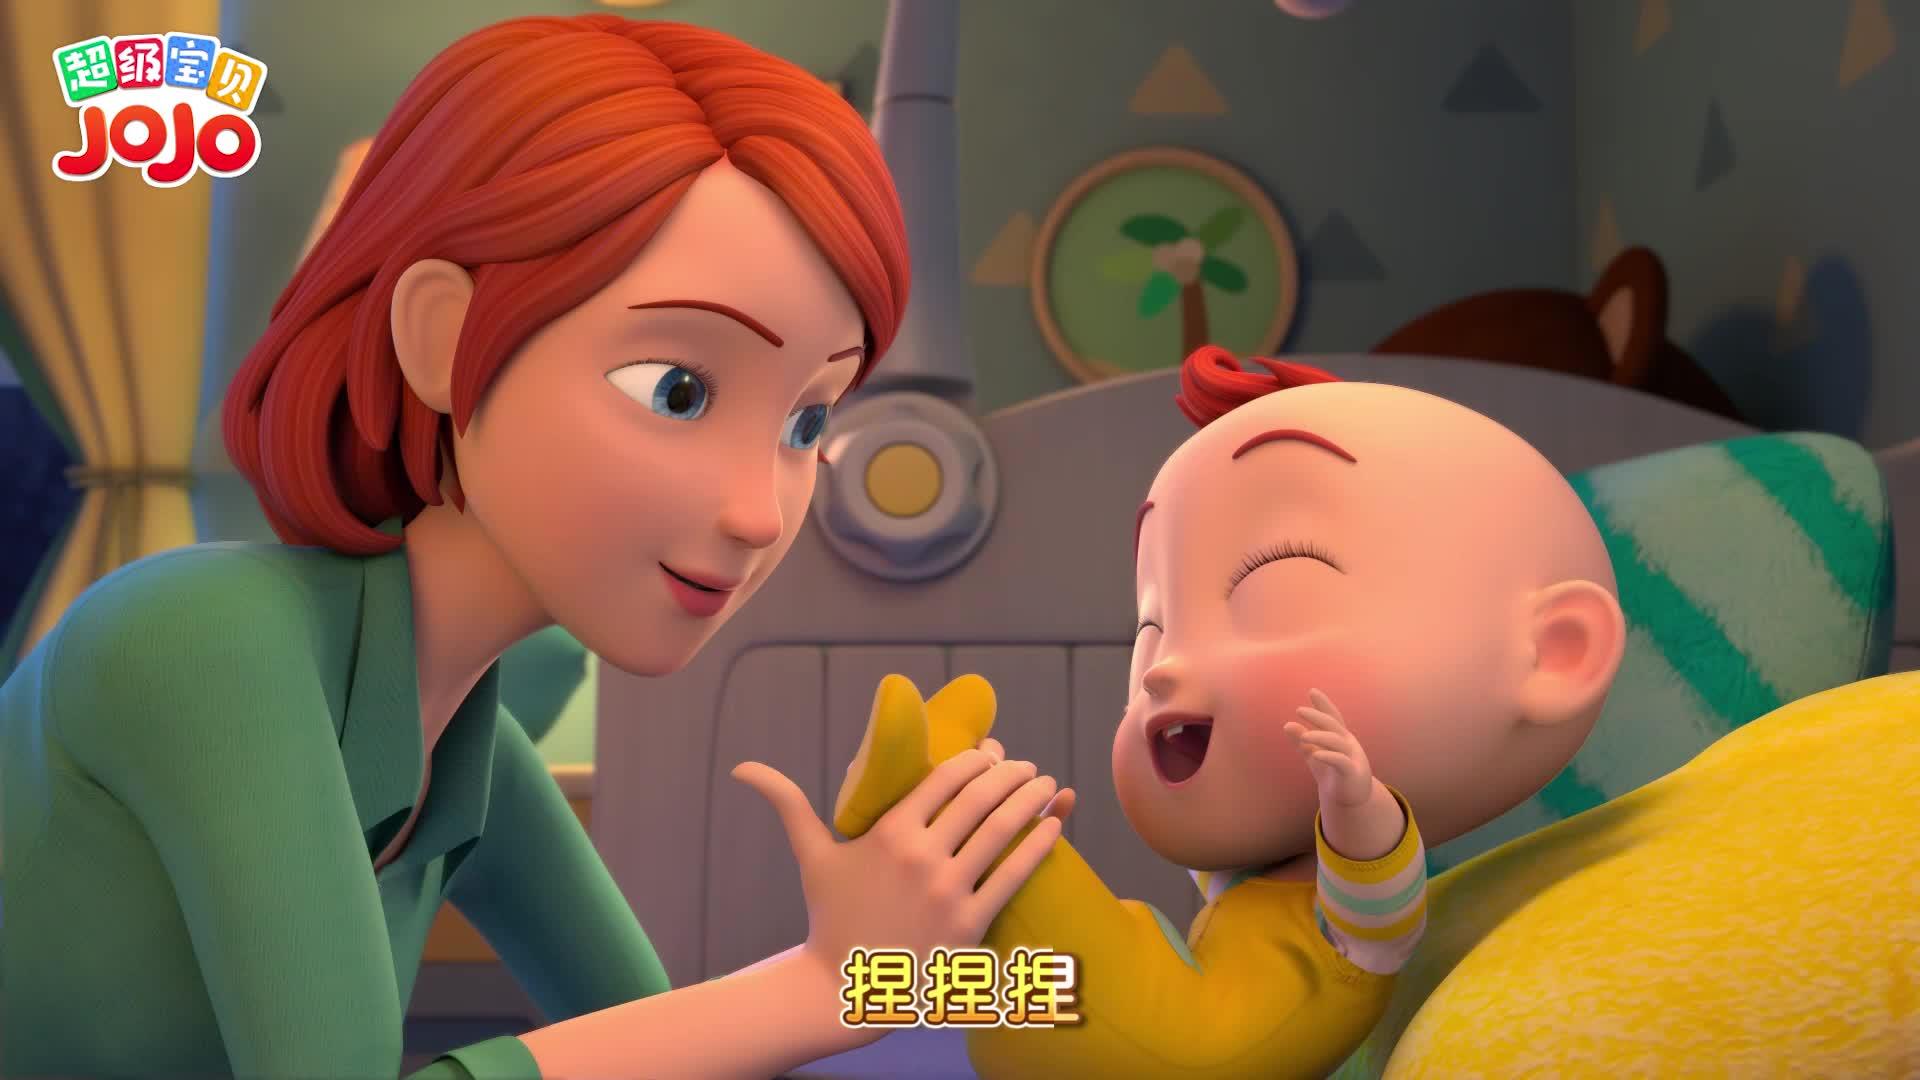 超级宝贝JOJO 第8集 宝宝晚安